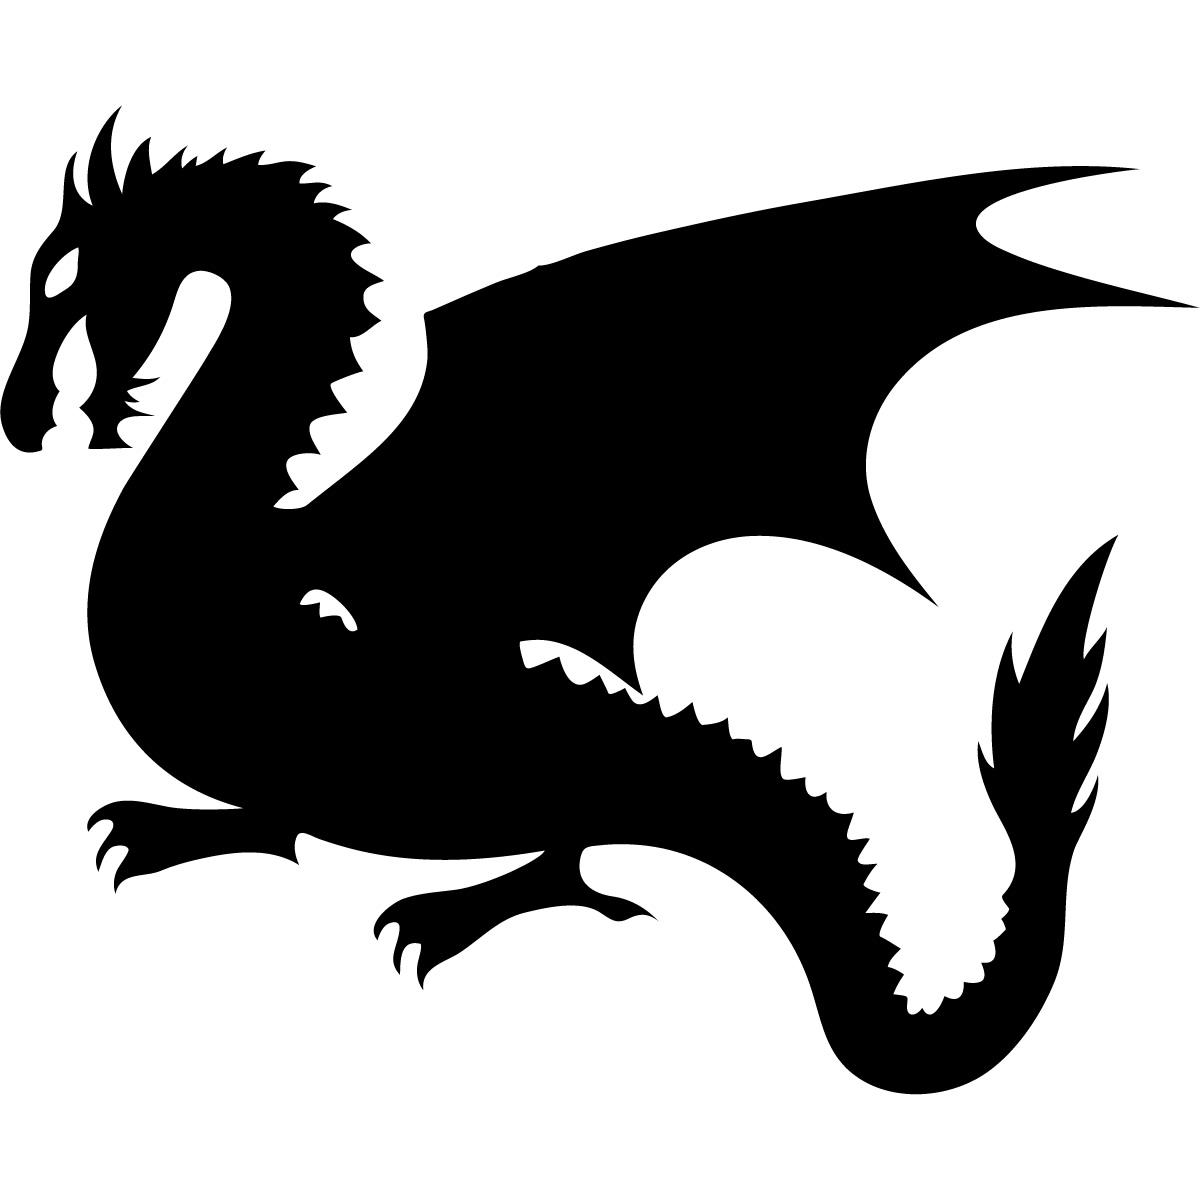 Dragon silhouette clip art